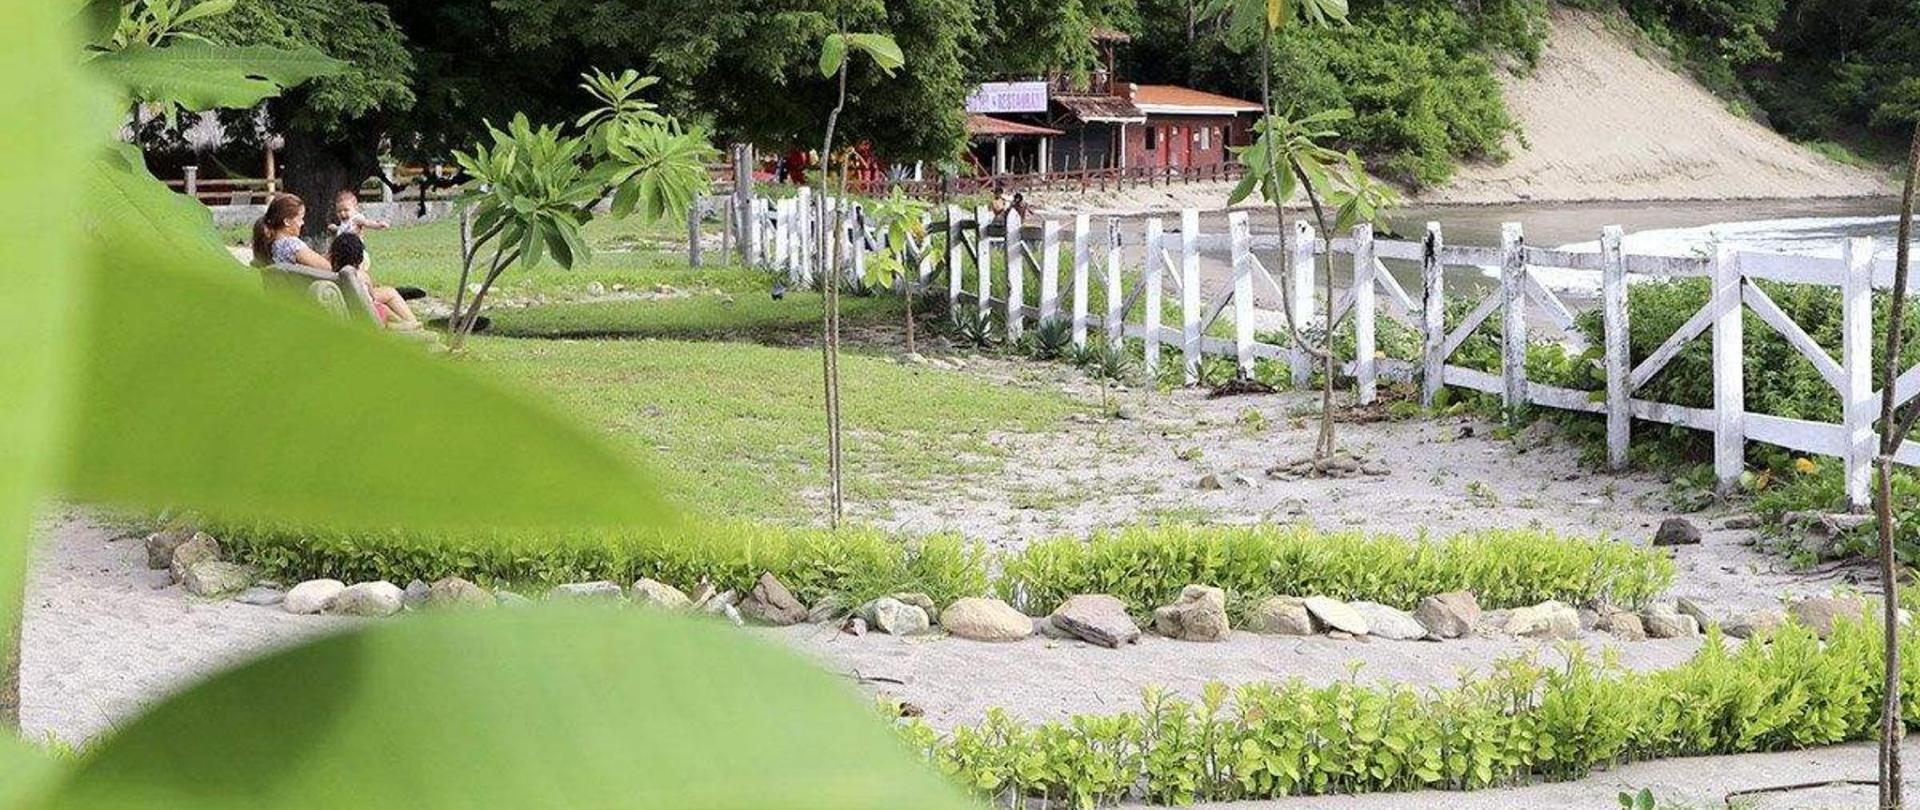 mbfh-garden.jpg